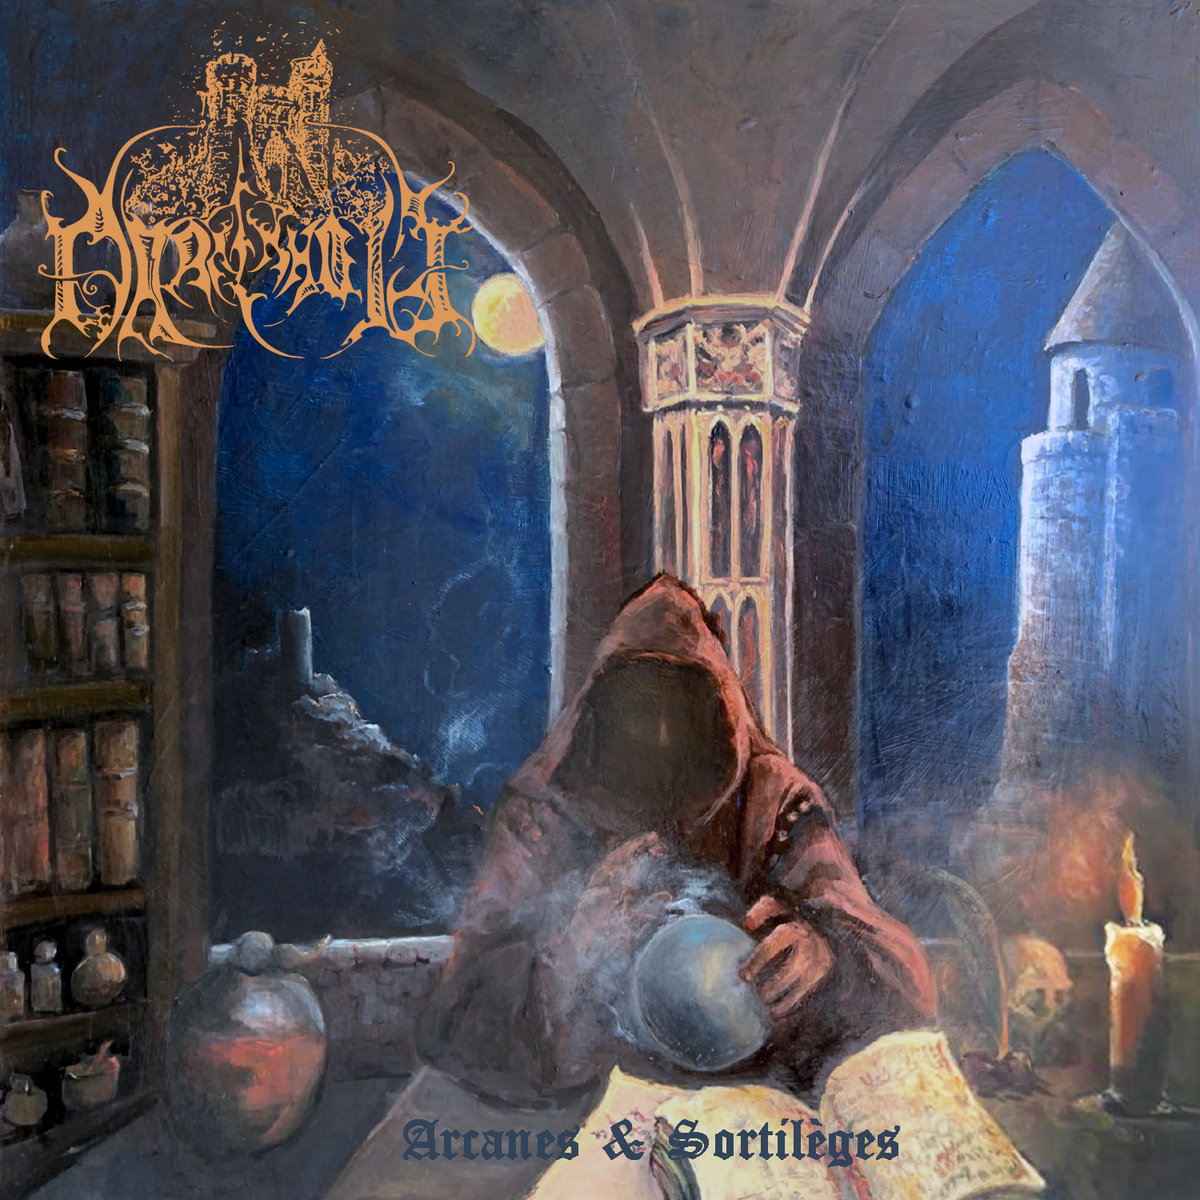 Arcanes & sortilèges darkenhöld cover artwork